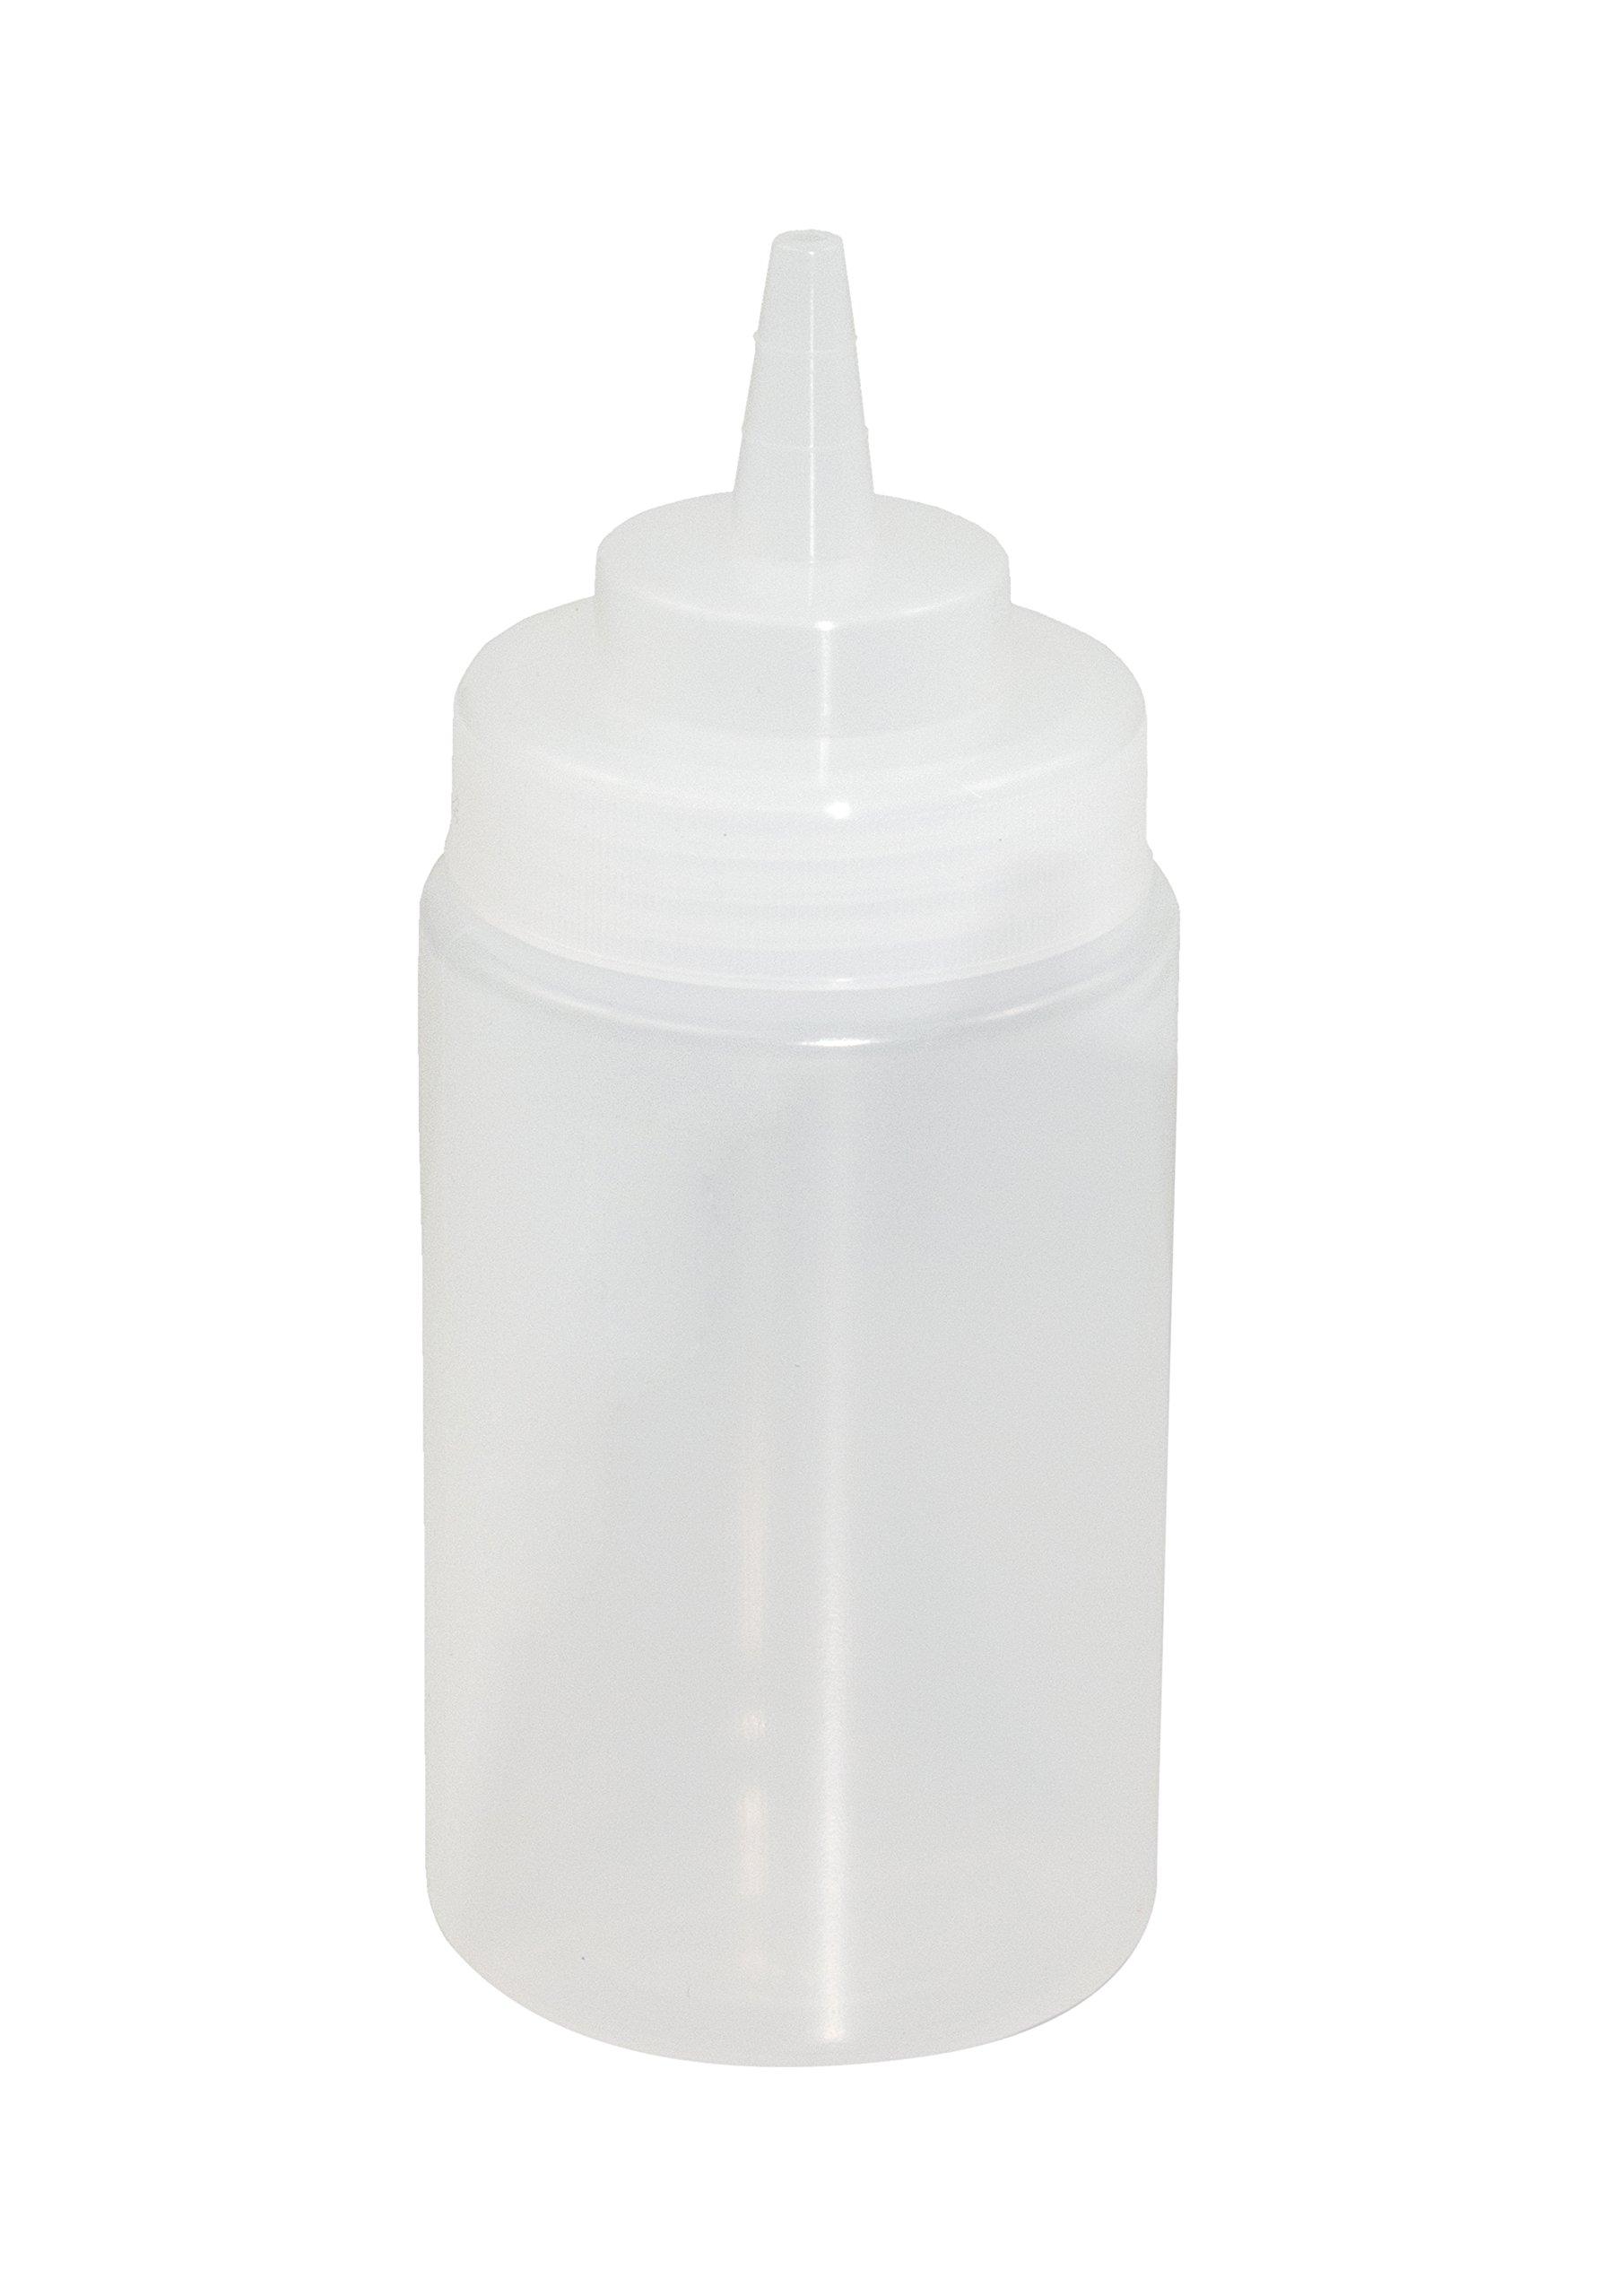 Crestware SB12CW Squeeze Wide Mouth Bottle (3 Dozen), 12 oz, Clear by CRESTWARE